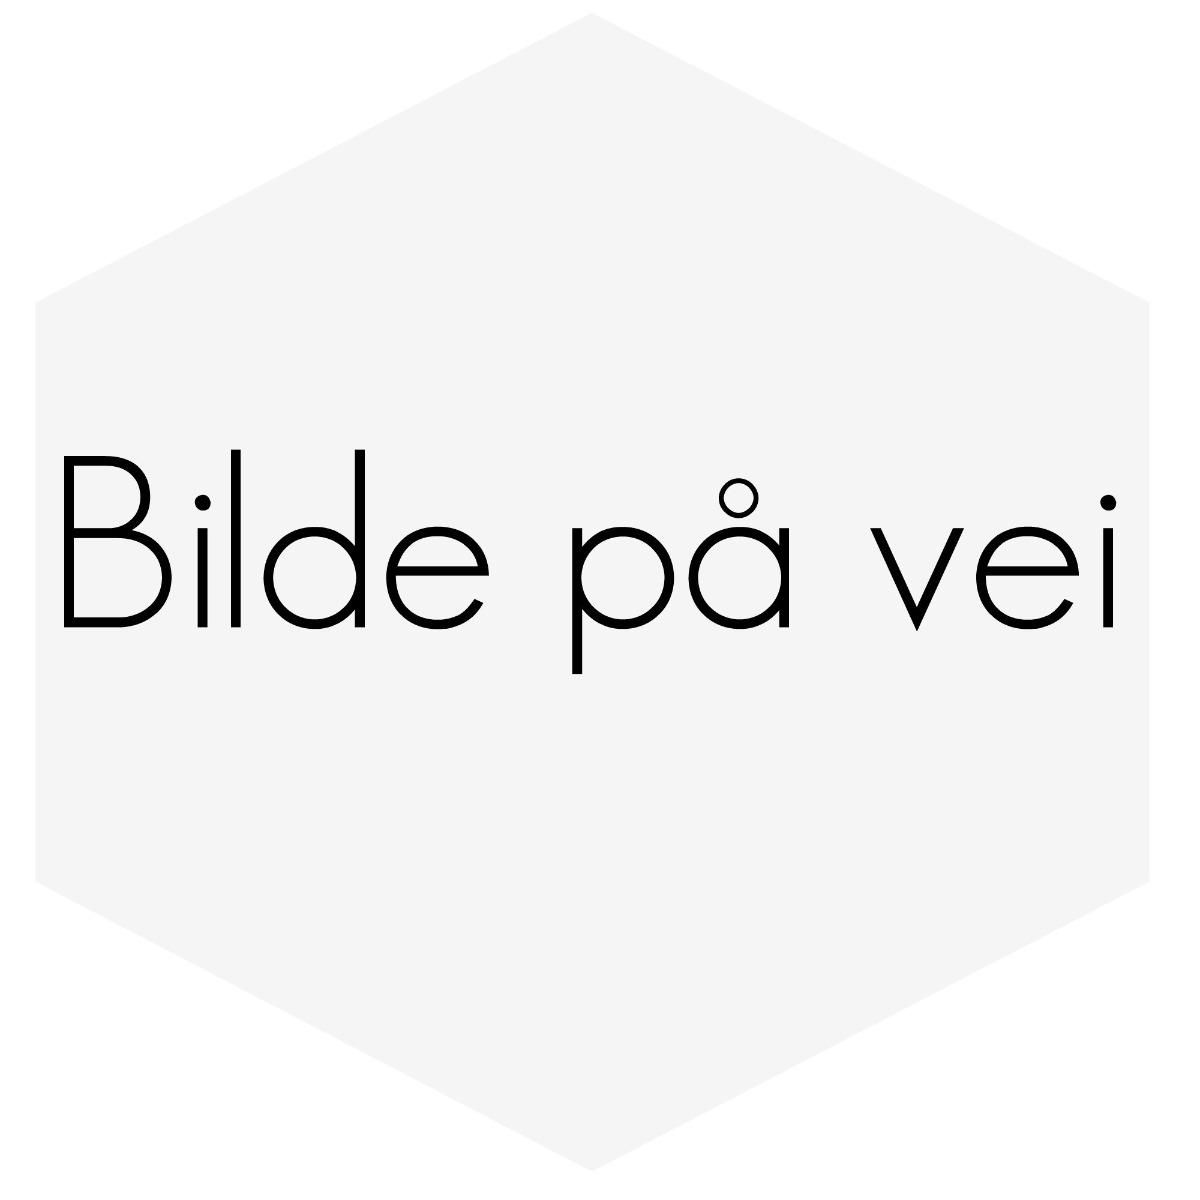 LYKTERING /SARG PÅ BLINKLAMPE FORAN AMAZON 62-70 HØYRE